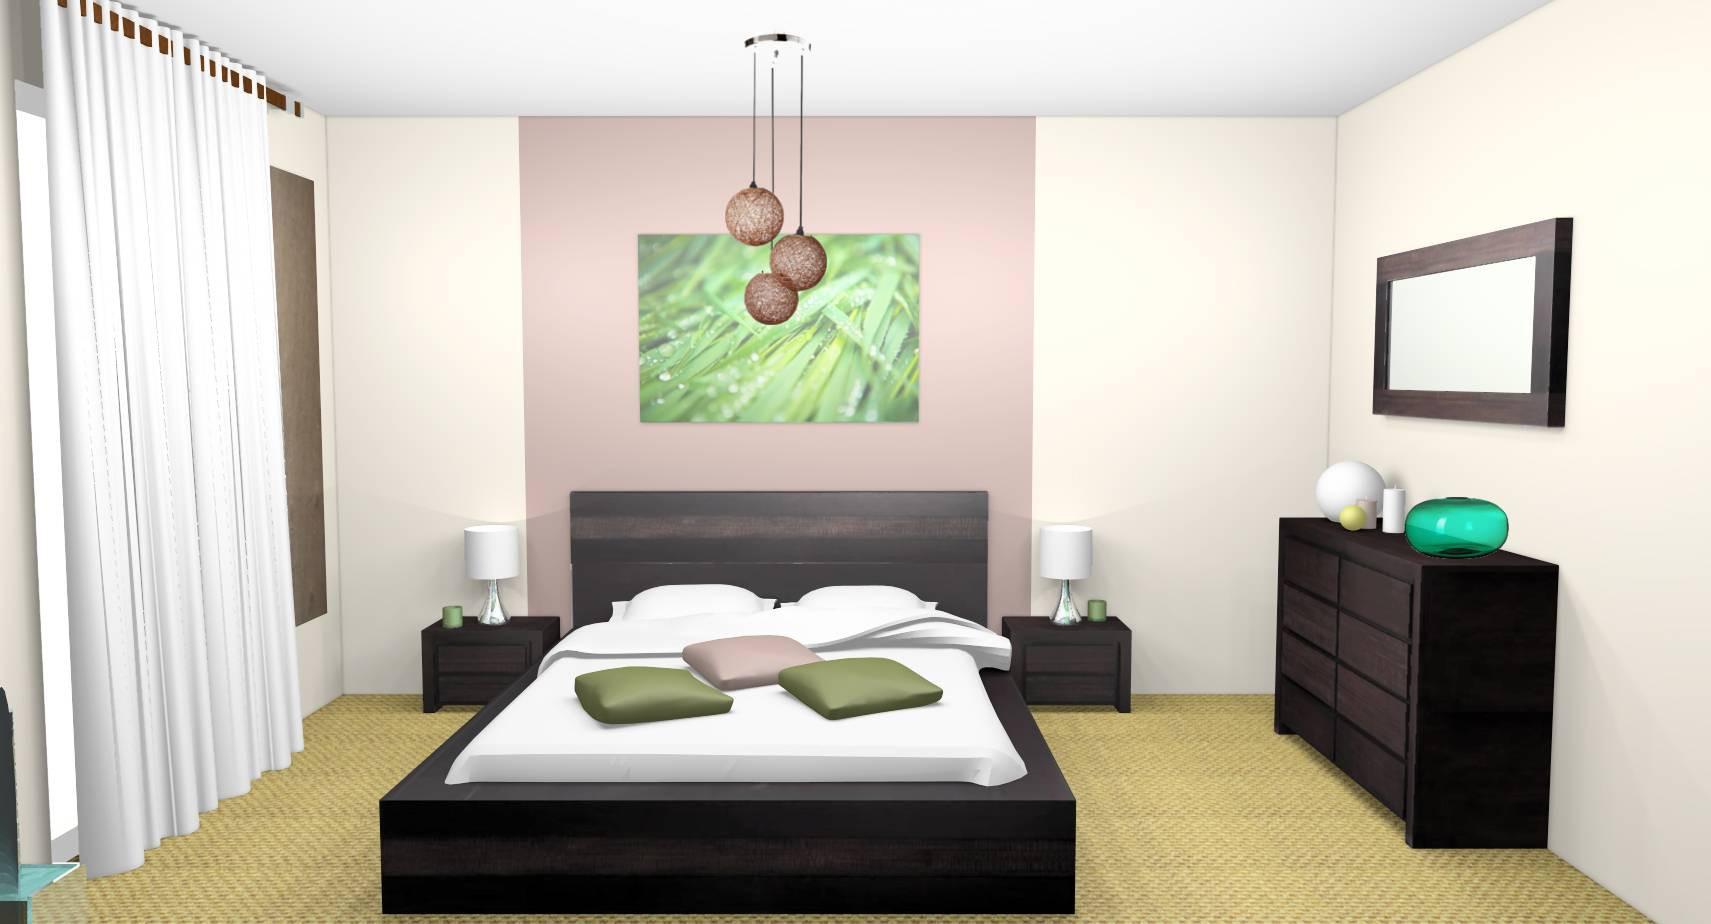 idee deco papier peint chambre adulte best idee papier peint chambre adulte awesome interior home